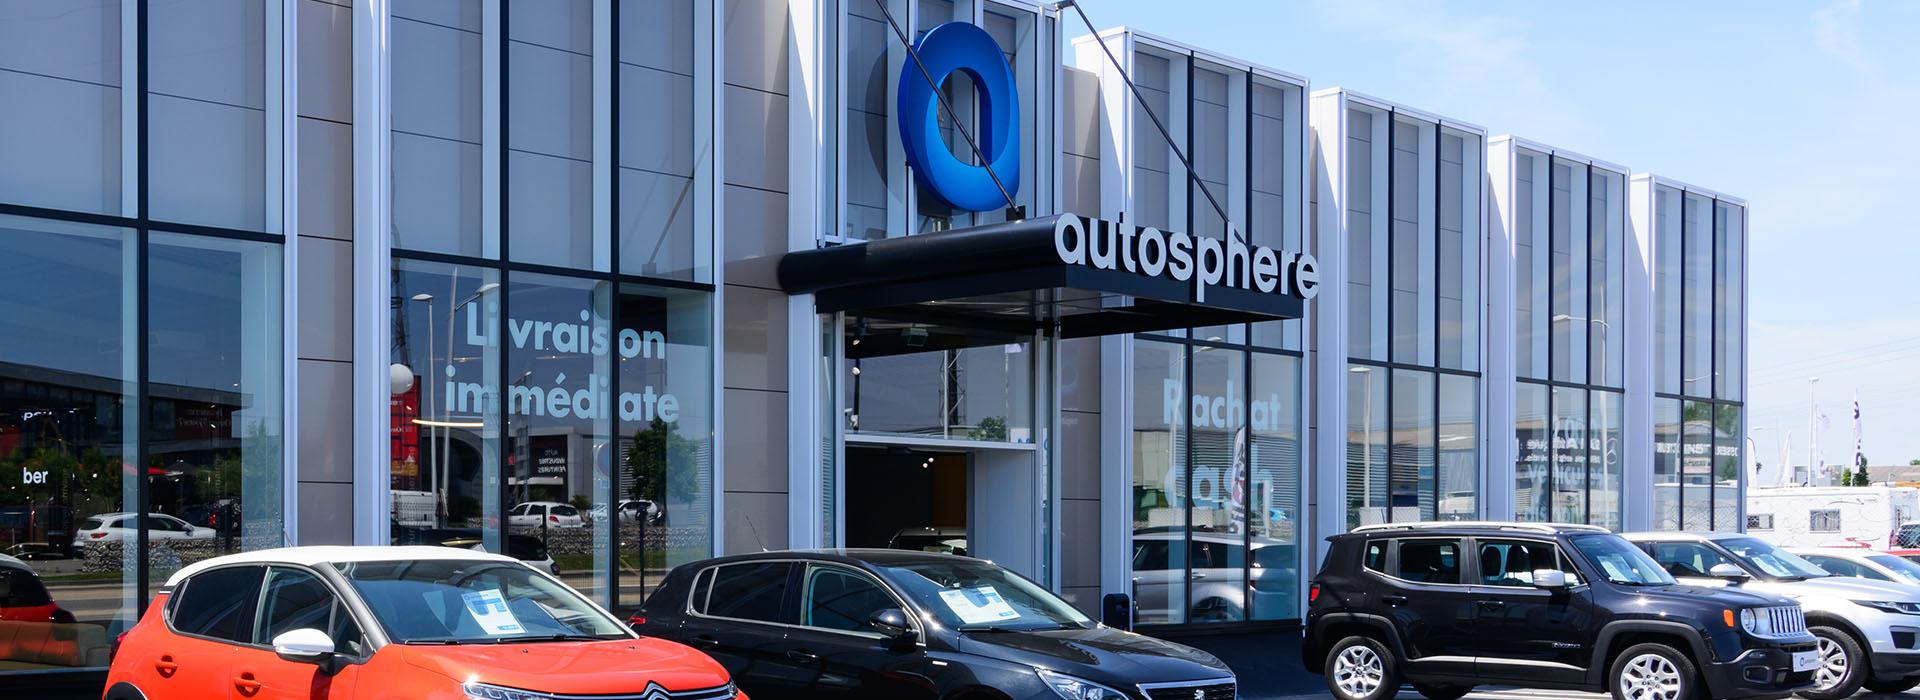 Photo de la concession Autosphere Center Autosphere Center Nantes